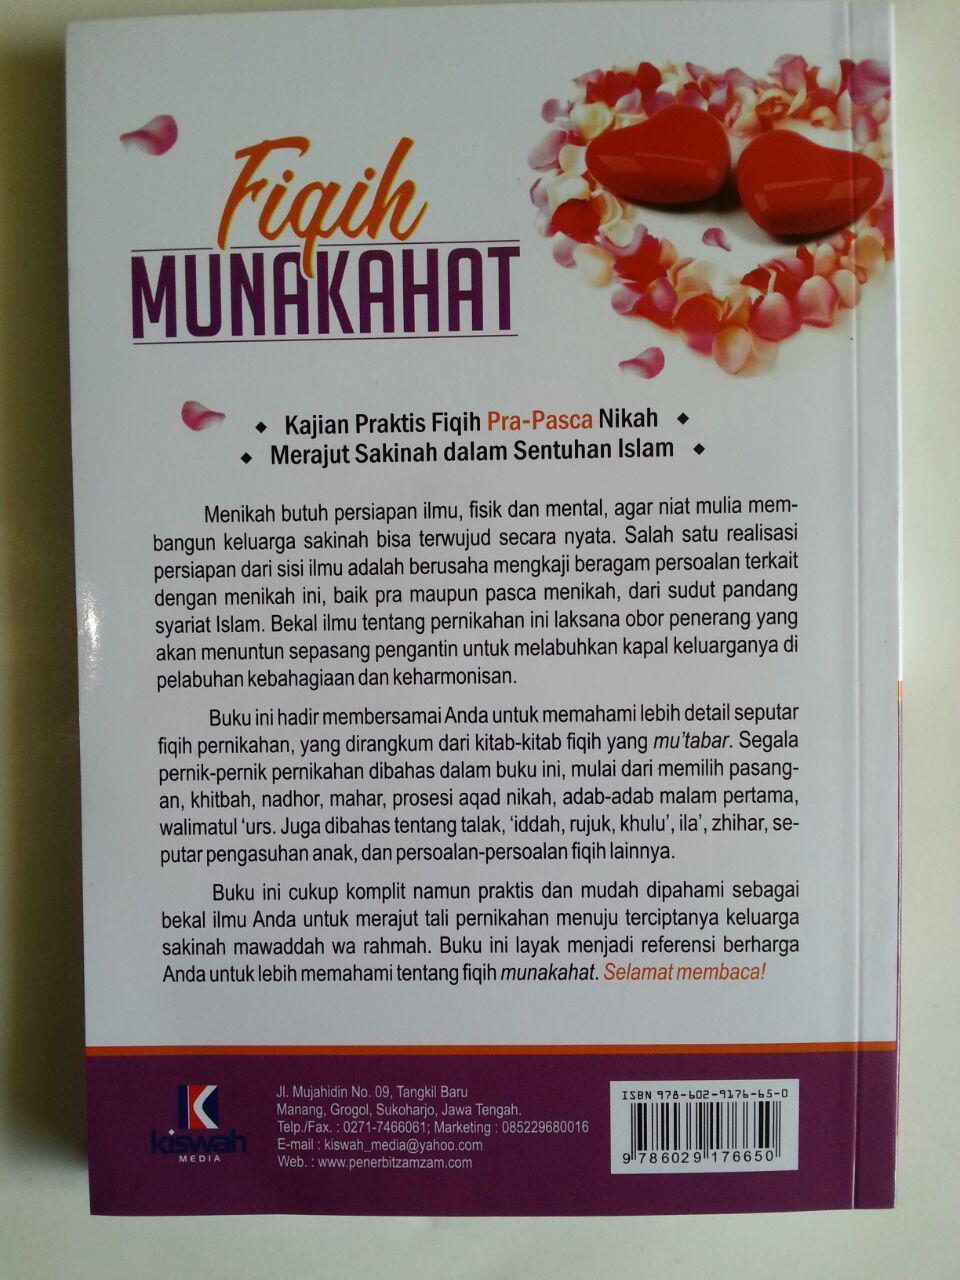 Buku Fiqih Munakahat Kajian Praktis Fiqih Pra Pasca Nikah cover